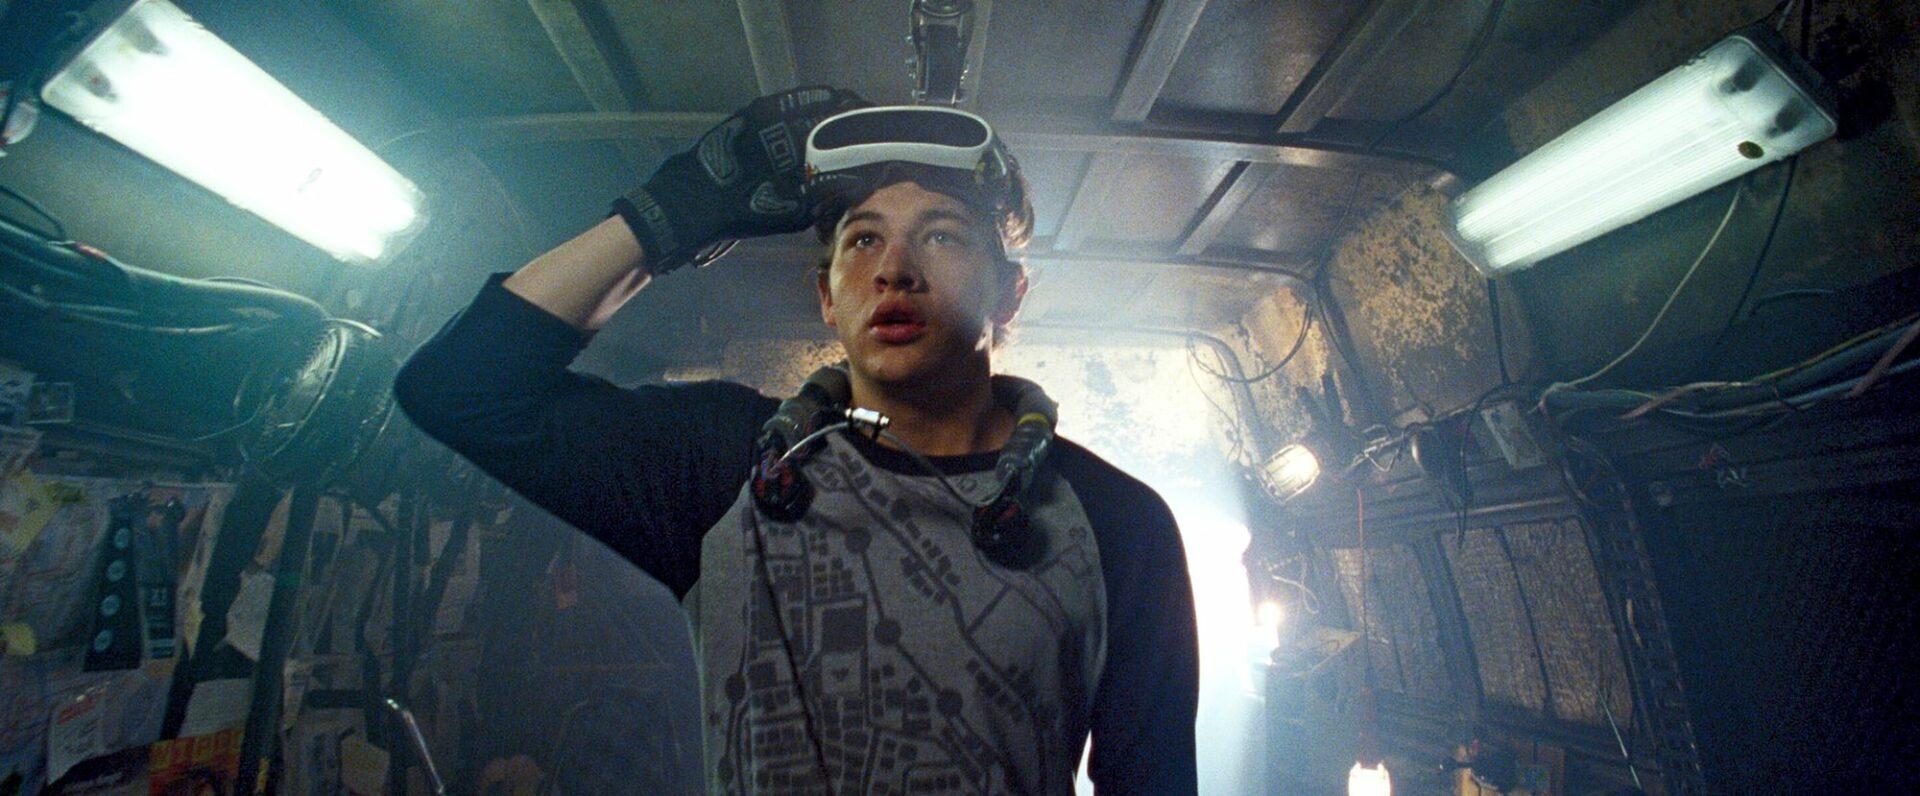 Wade (Tye Sheridan) lähtee selvittämään virtuaalitodellisuus Oasiksen luojan, salaperäisen James Hallidayn kyhäämää arvoitusta.  © Sub